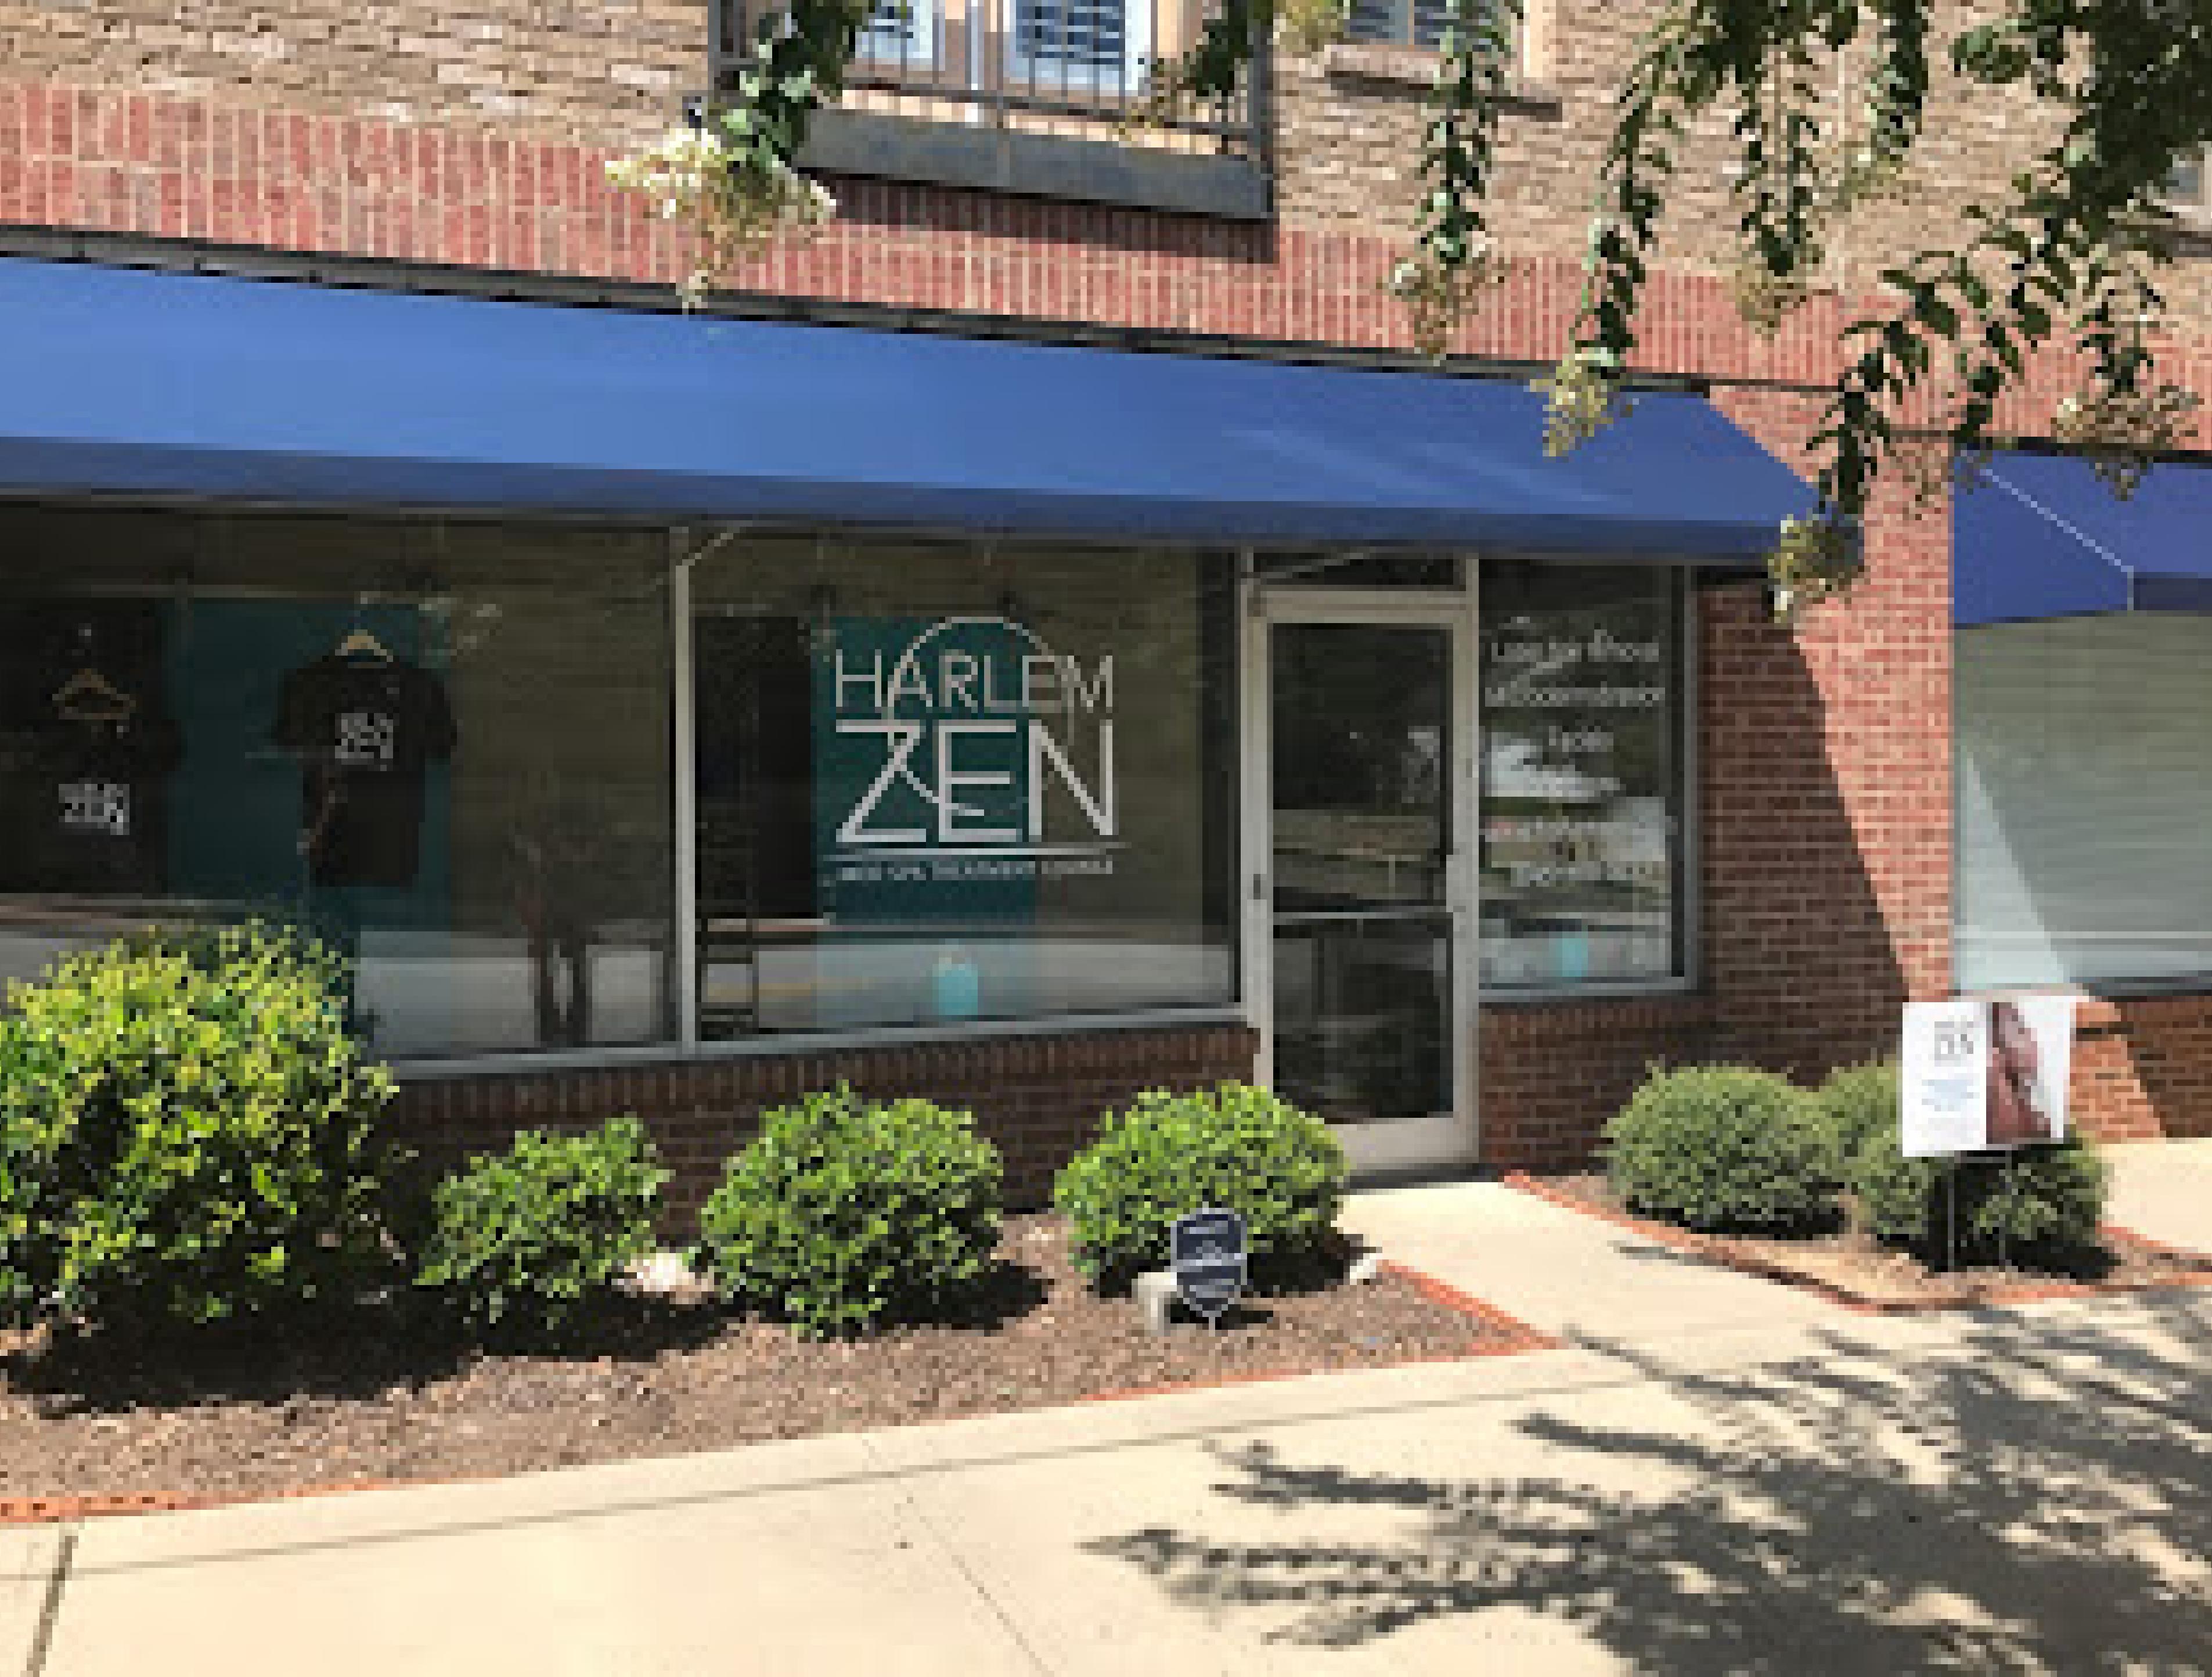 harlem-zen